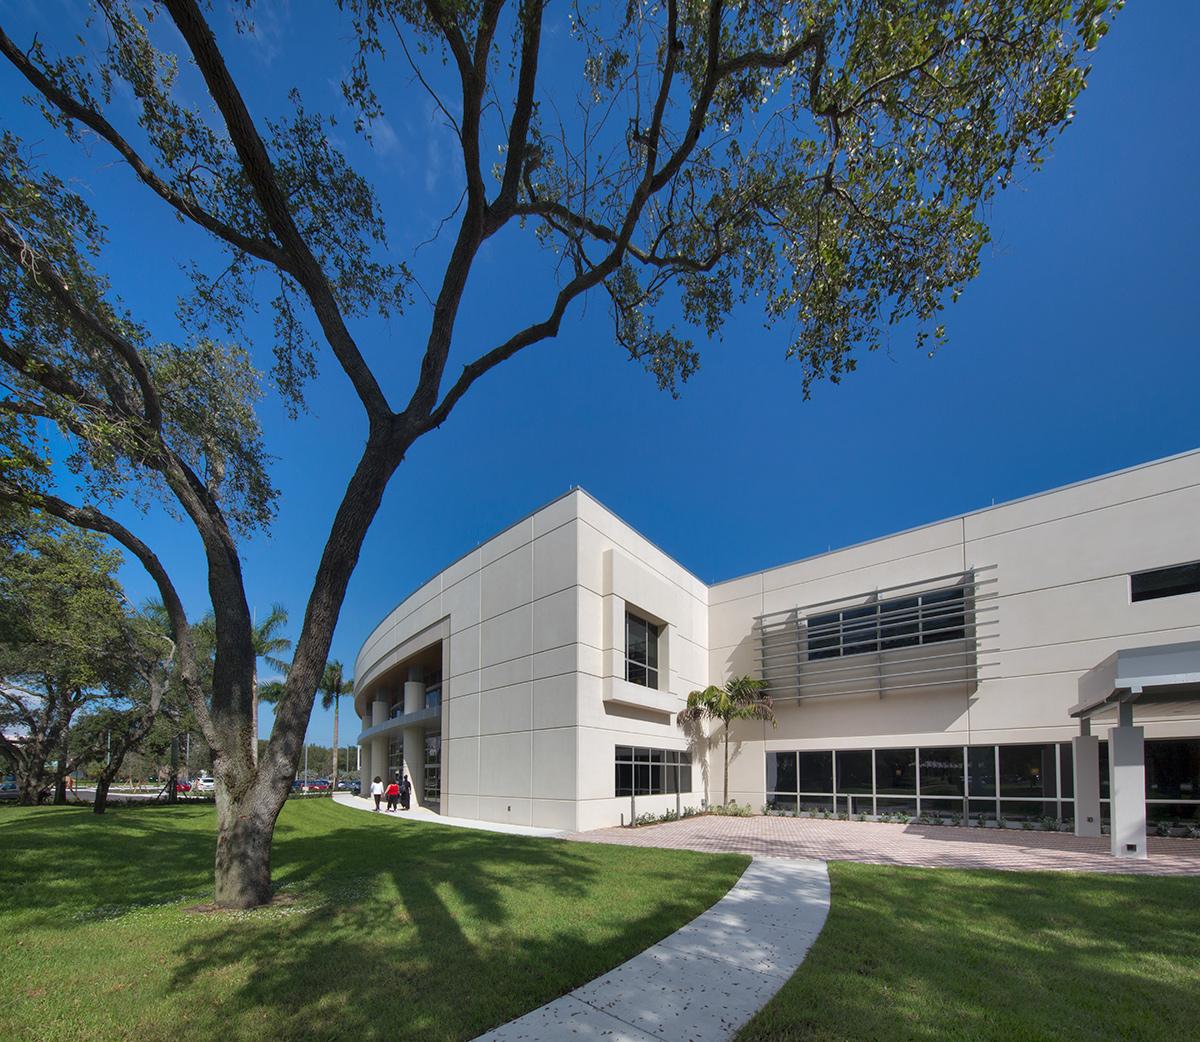 Miami In Focus Photo Gallery of Boca Raton FL Regional Hospital Womens Institute